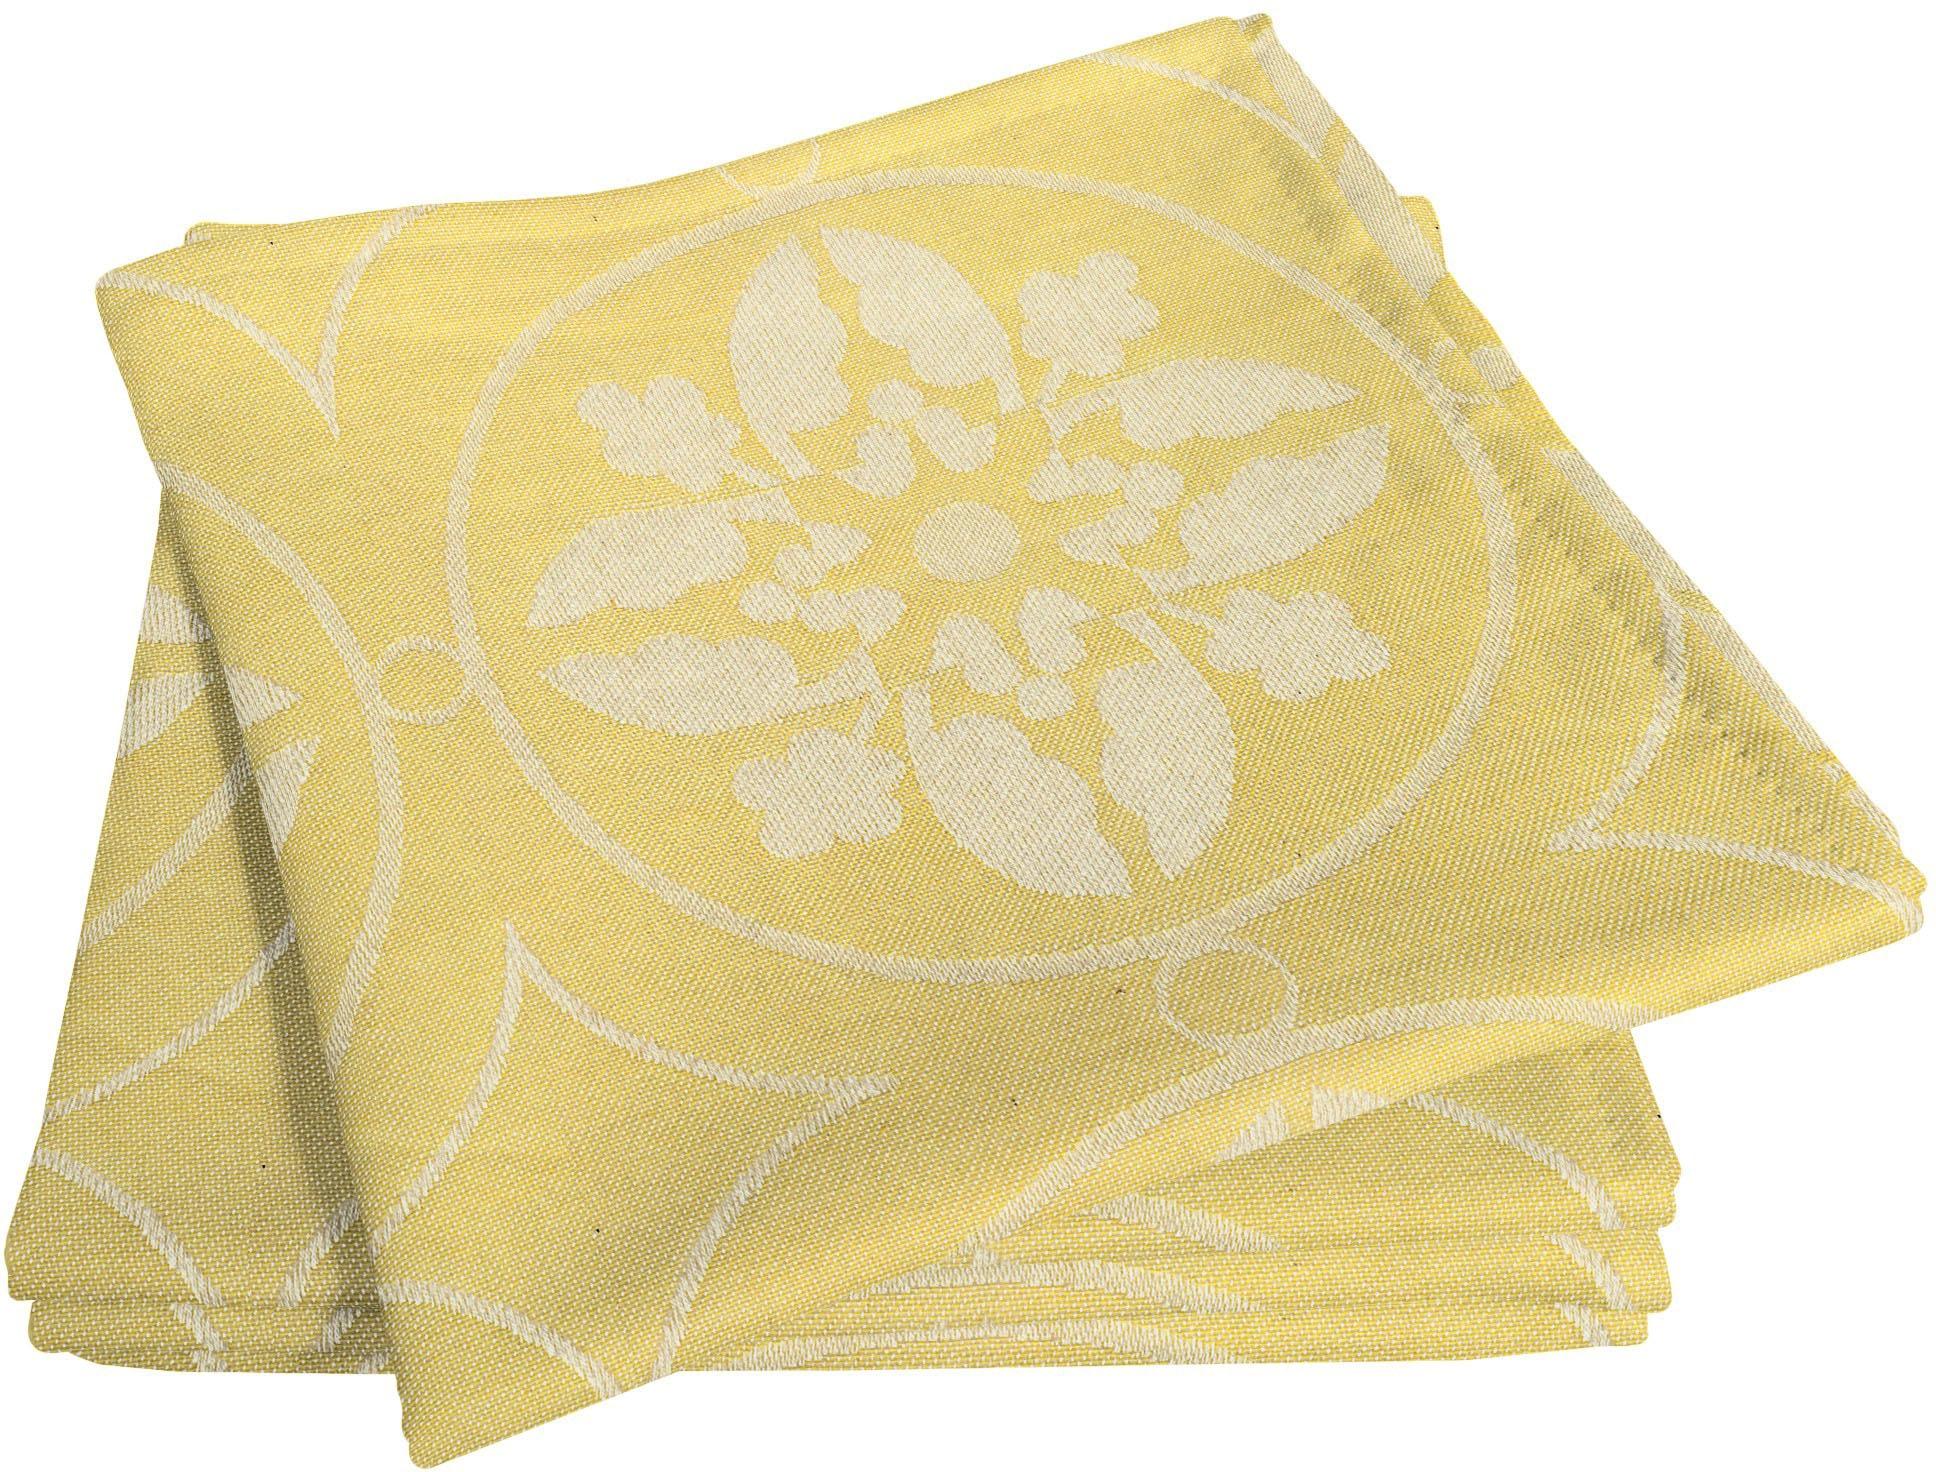 Adam Stoffserviette Romantic Puligny Light, (4 St.), nachhaltig, GOTS zertifiziert gelb Stoffservietten Tischwäsche